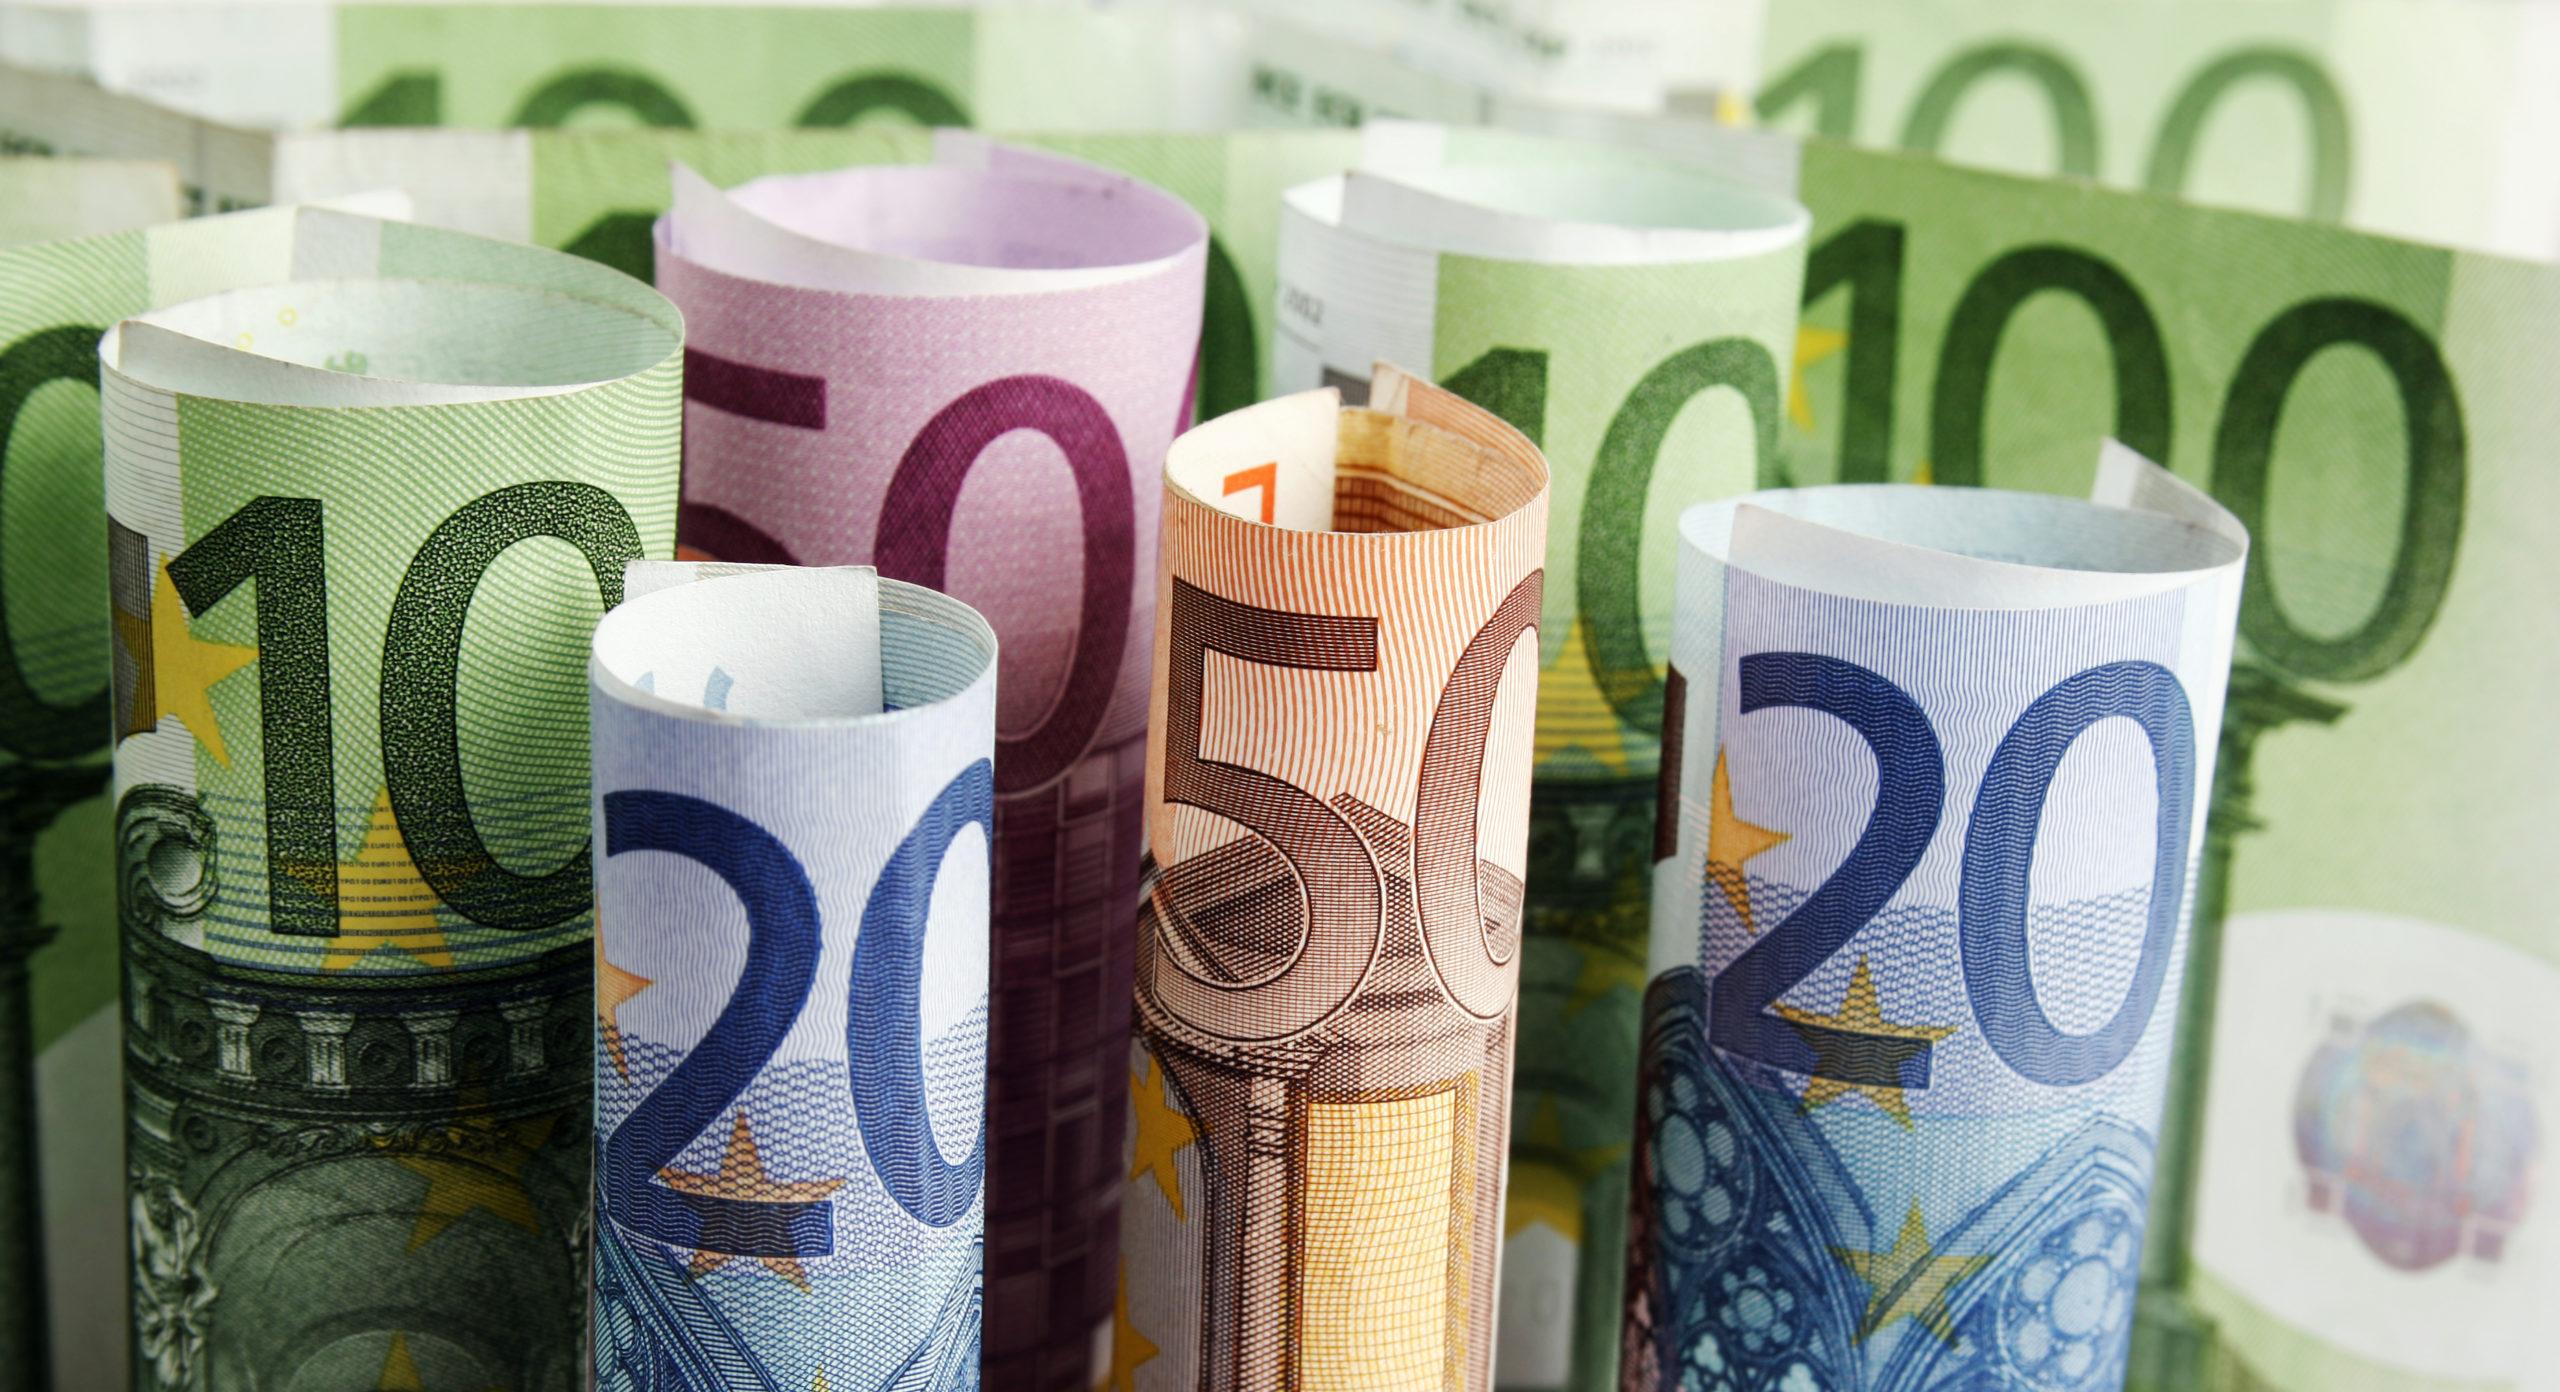 Everyday economics and monetary union